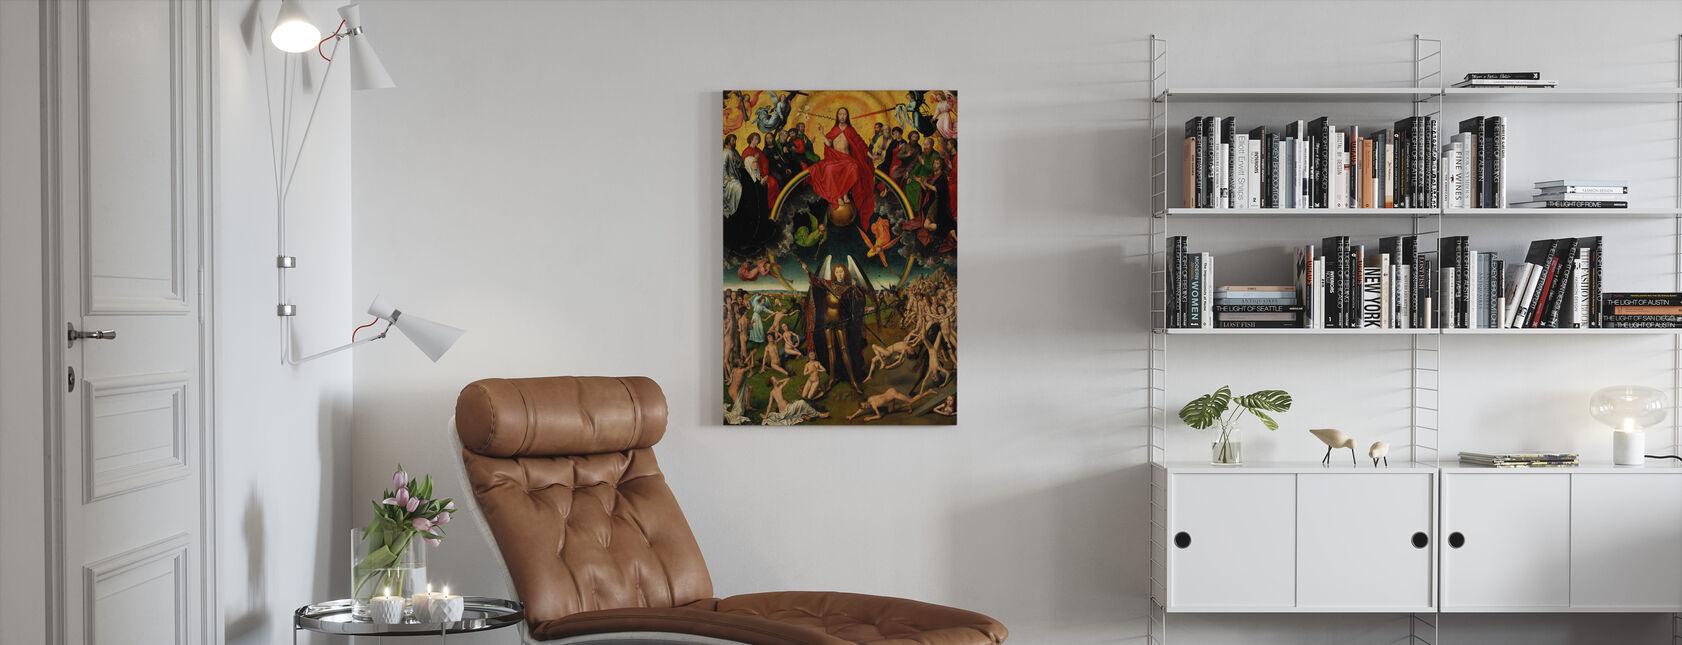 Last Judgement - Hans Memling - Canvas print - Living Room